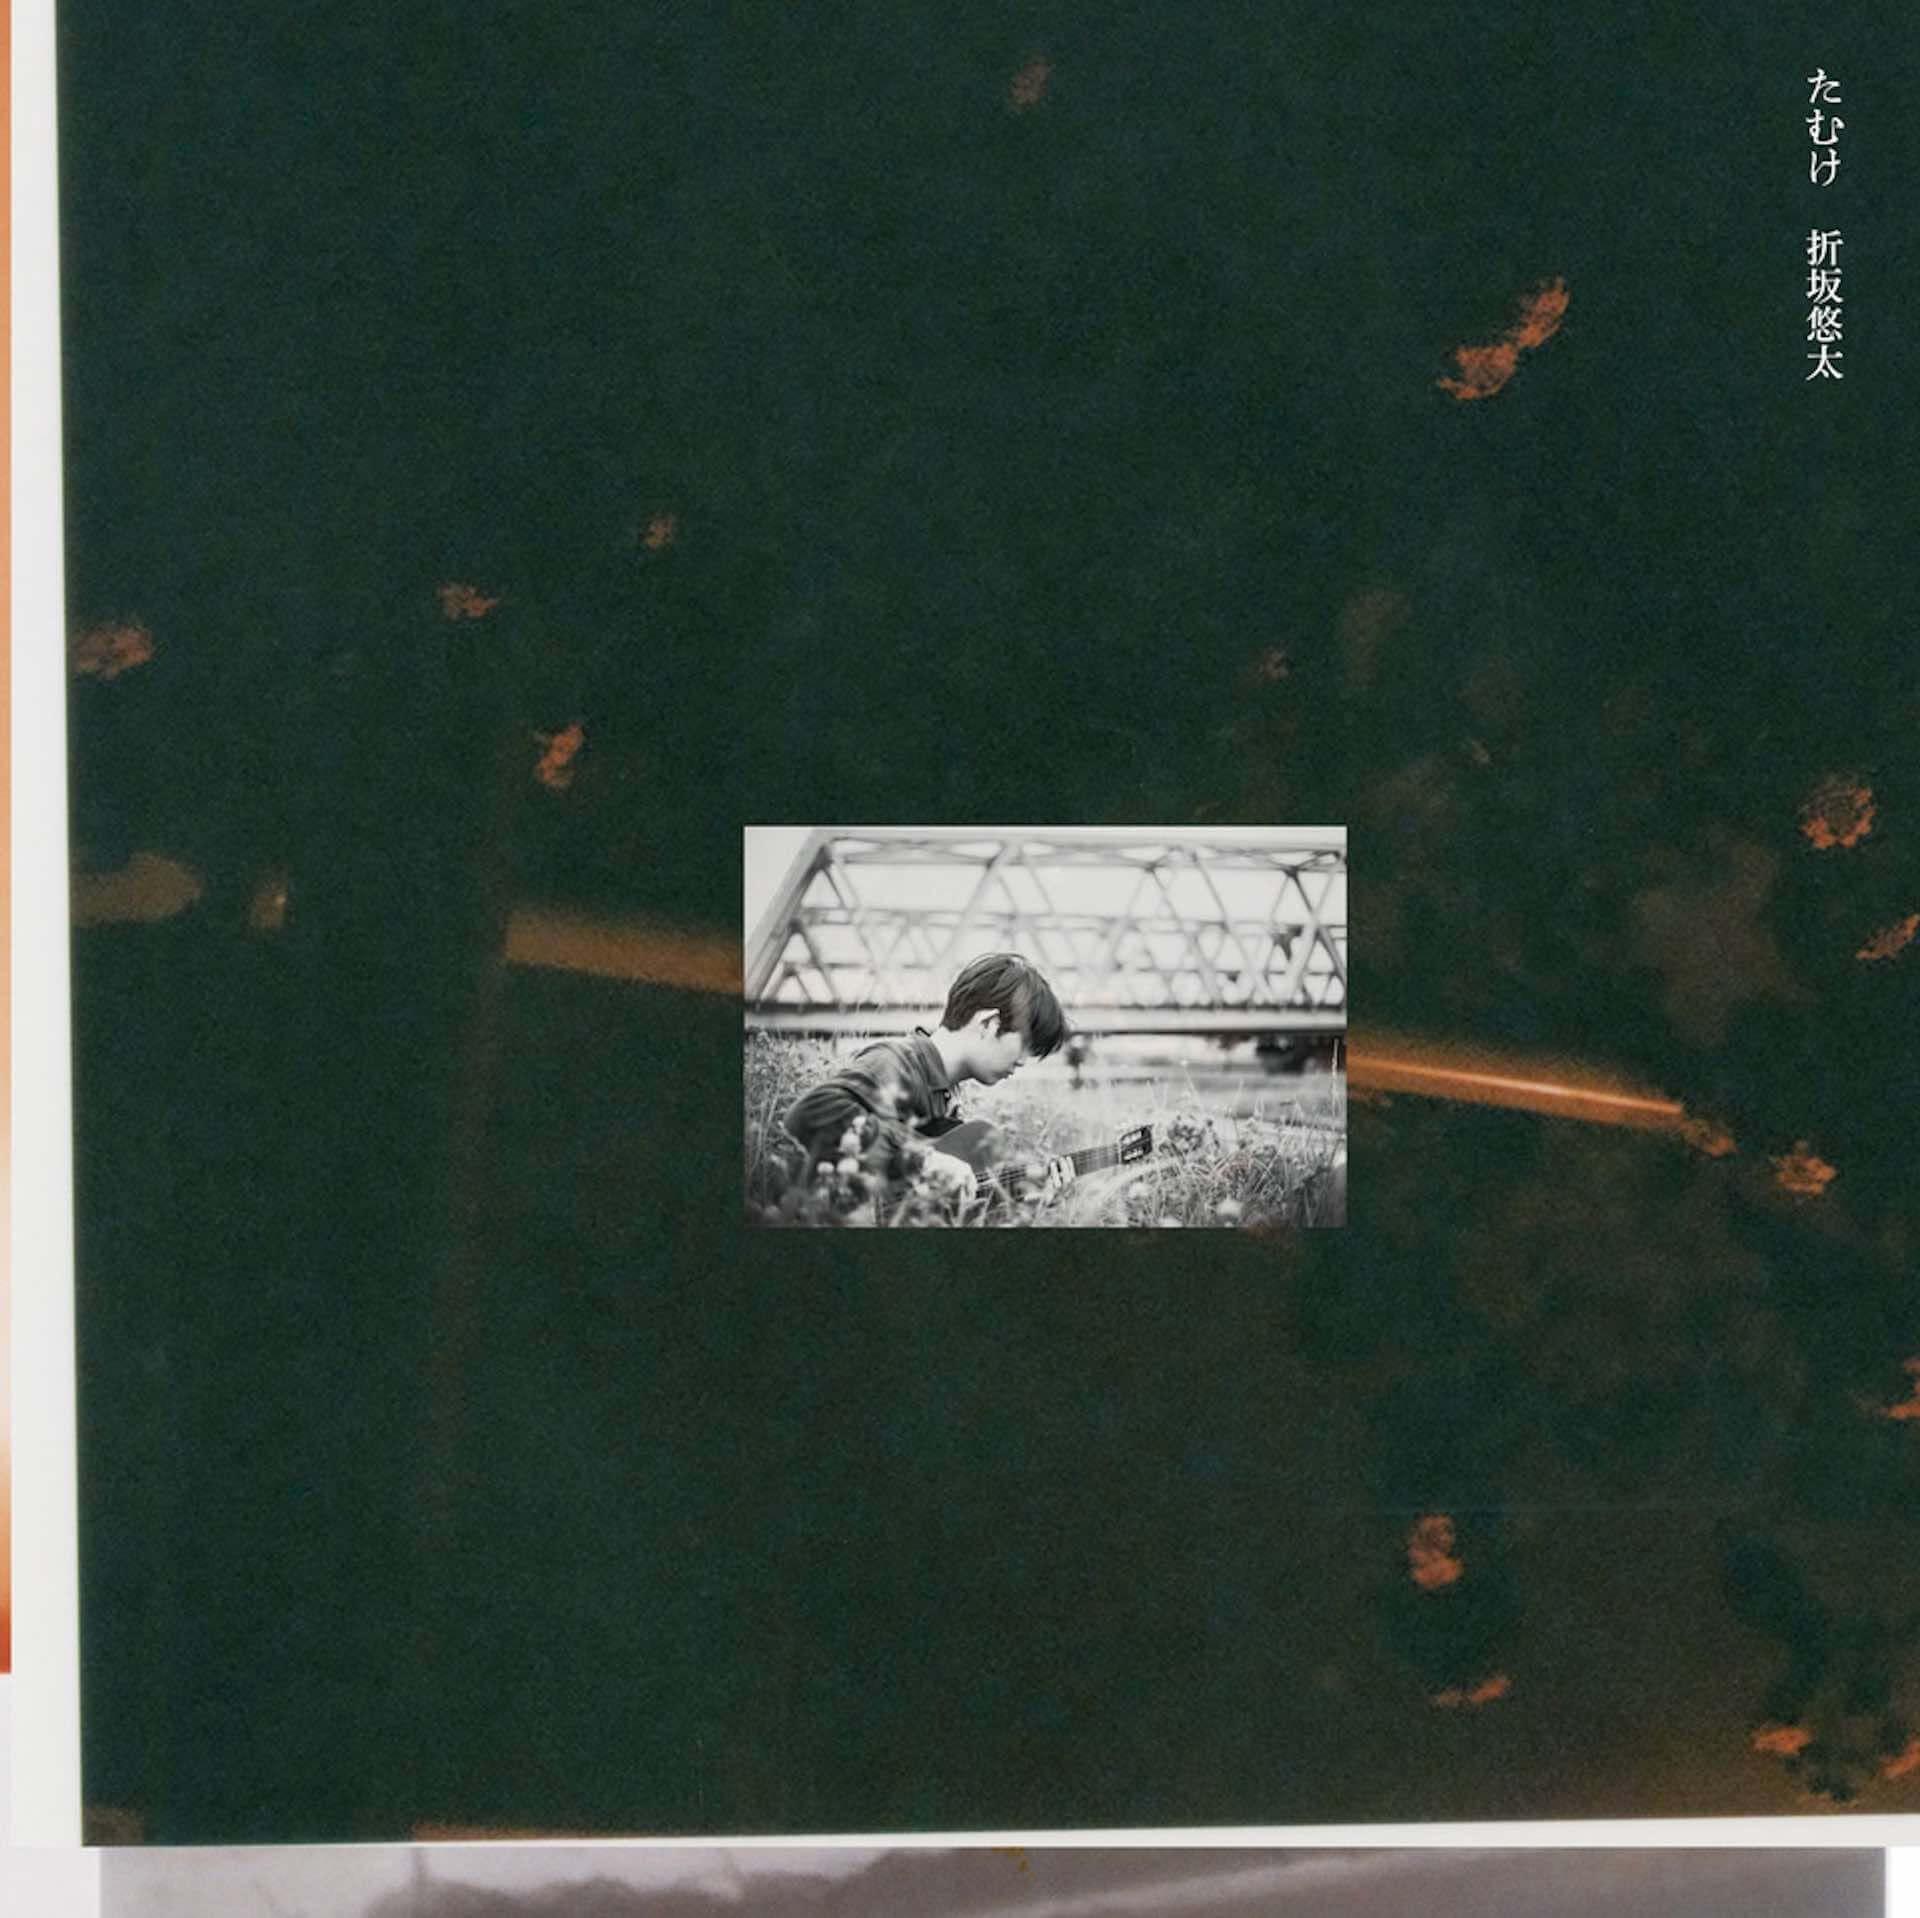 折坂悠太の初期作品『あけぼの』『たむけ』アナログ化記念!制作秘話など語った公式インタビューが公開 music201030_orisakayuta_2-1920x1918